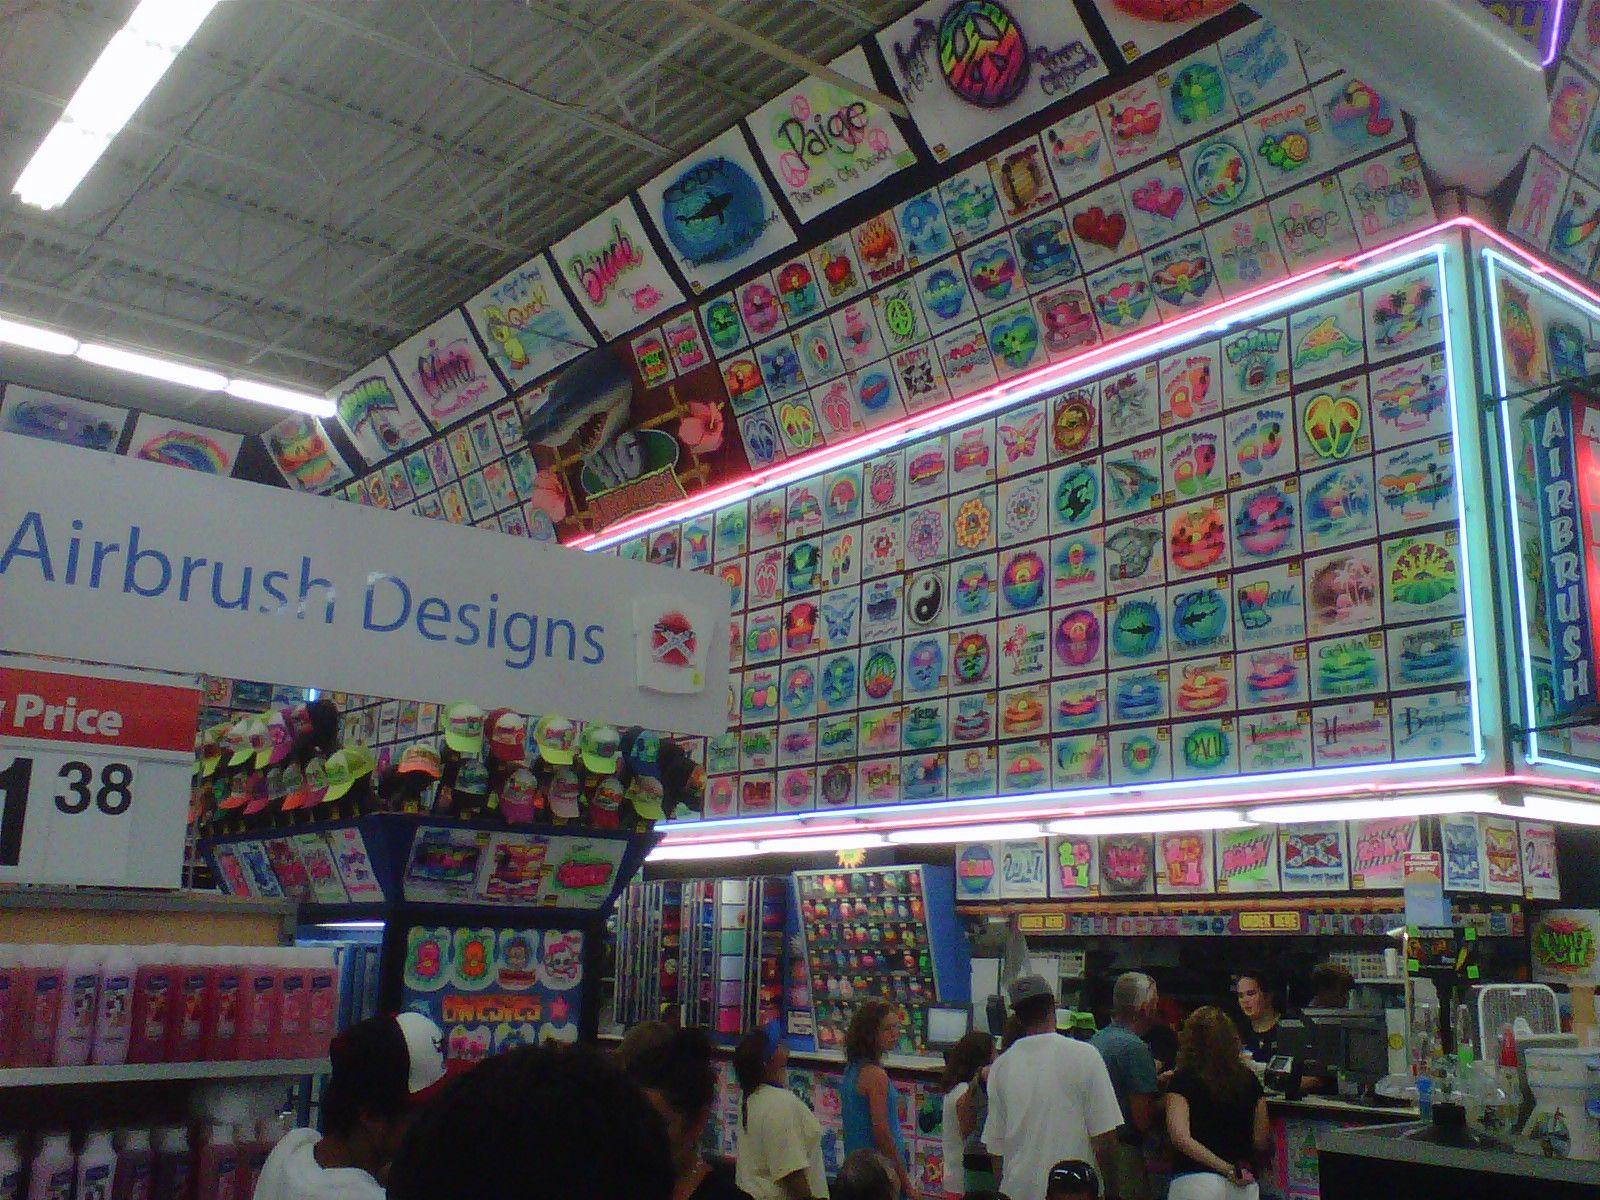 Walmart Airbrushed T Shirts Panama City Beach Fl Panama City Panama City Beach Panama City Beach